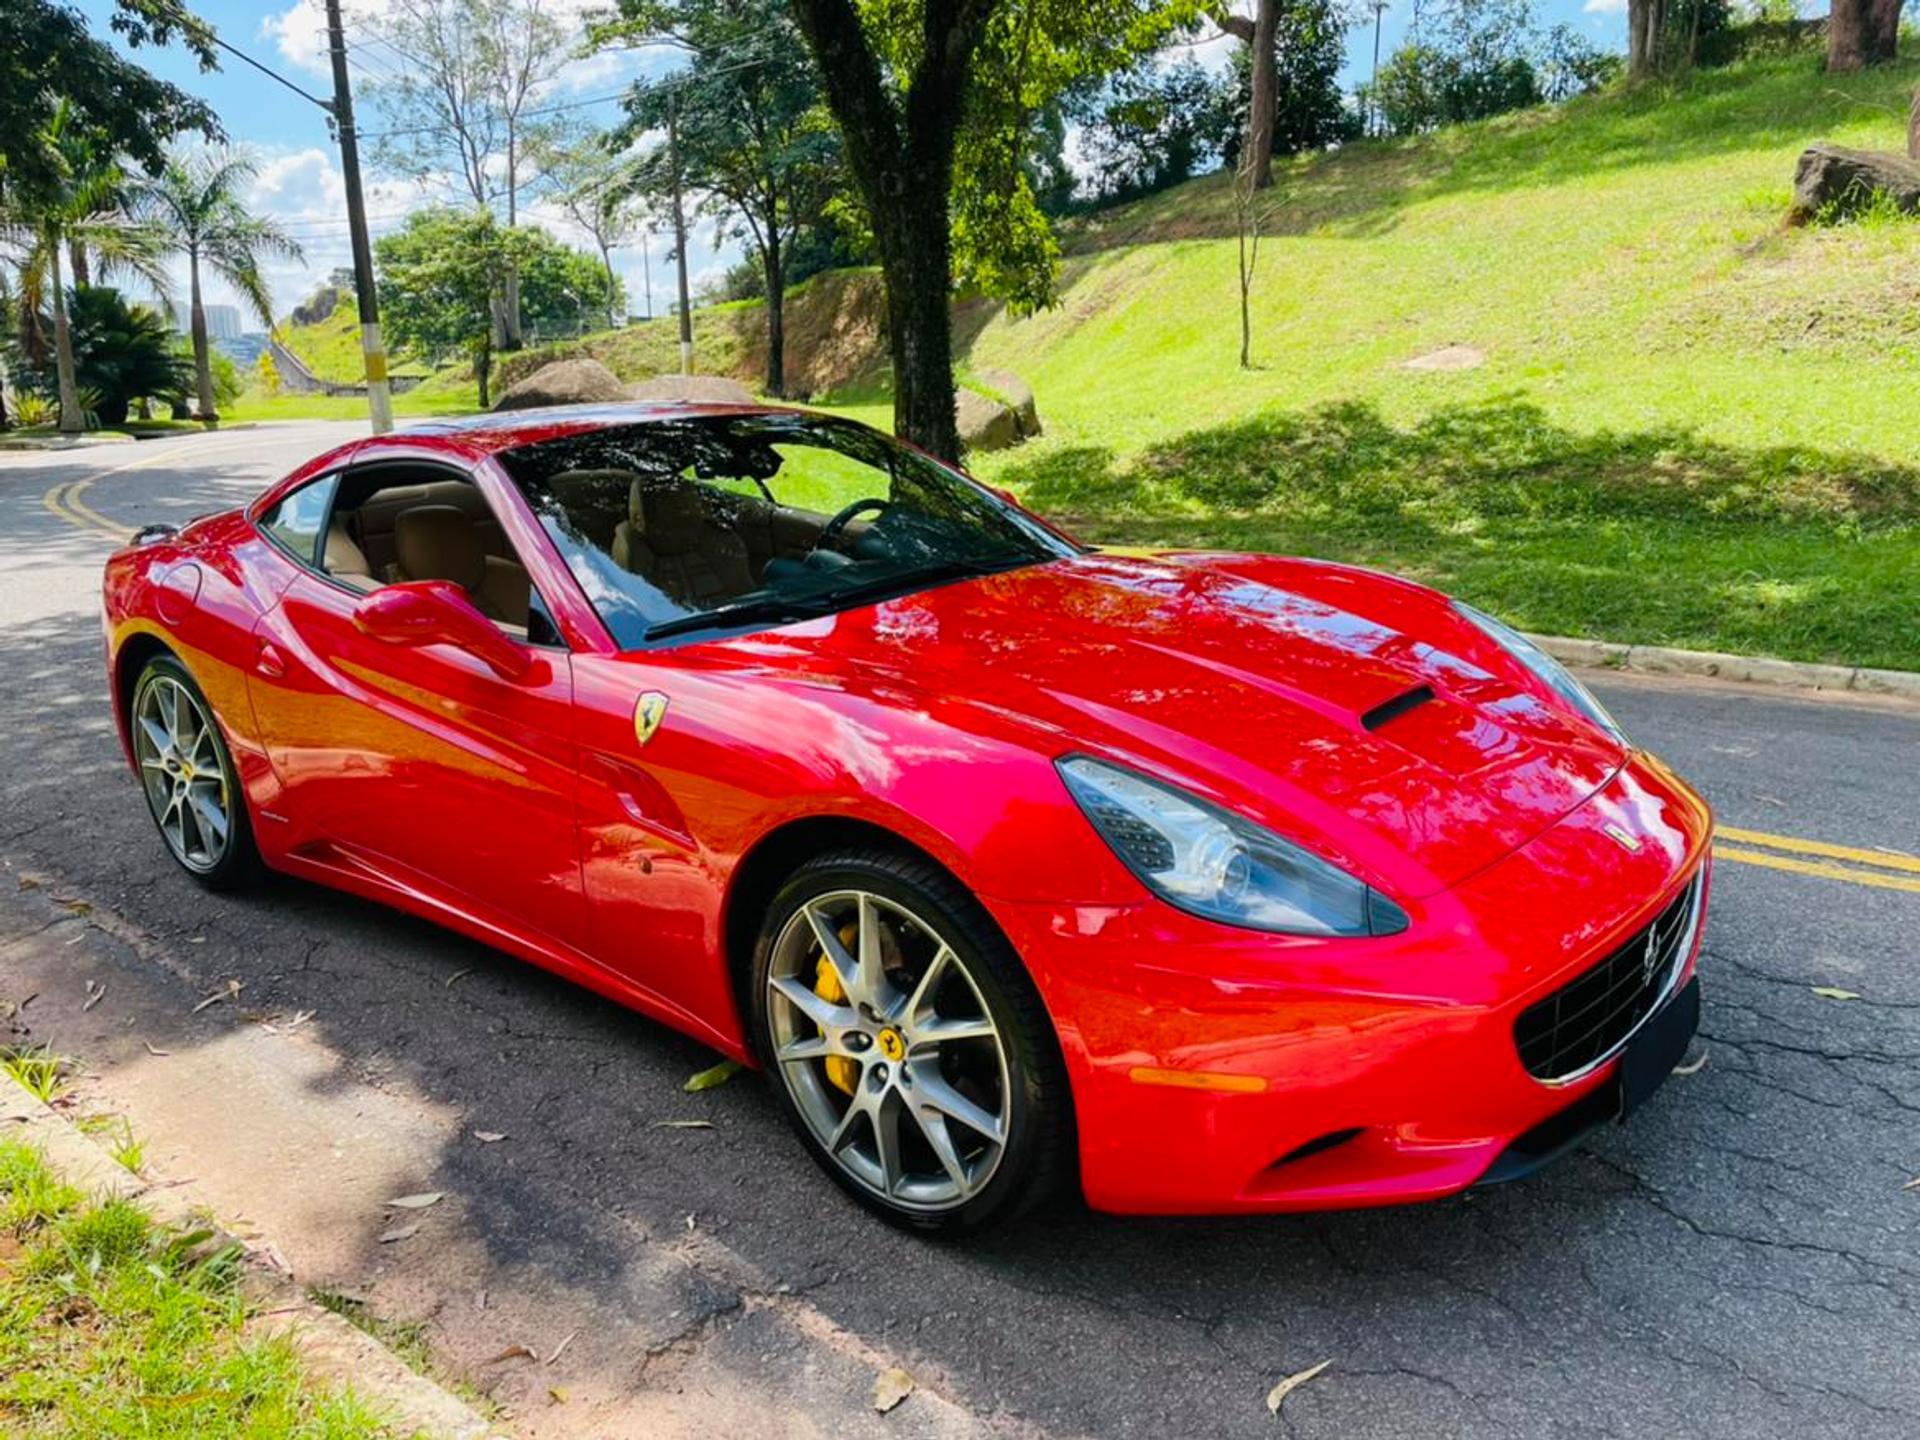 Ferrari California 4.3 V8 Gasolina F1dct Wmimagem17560385036